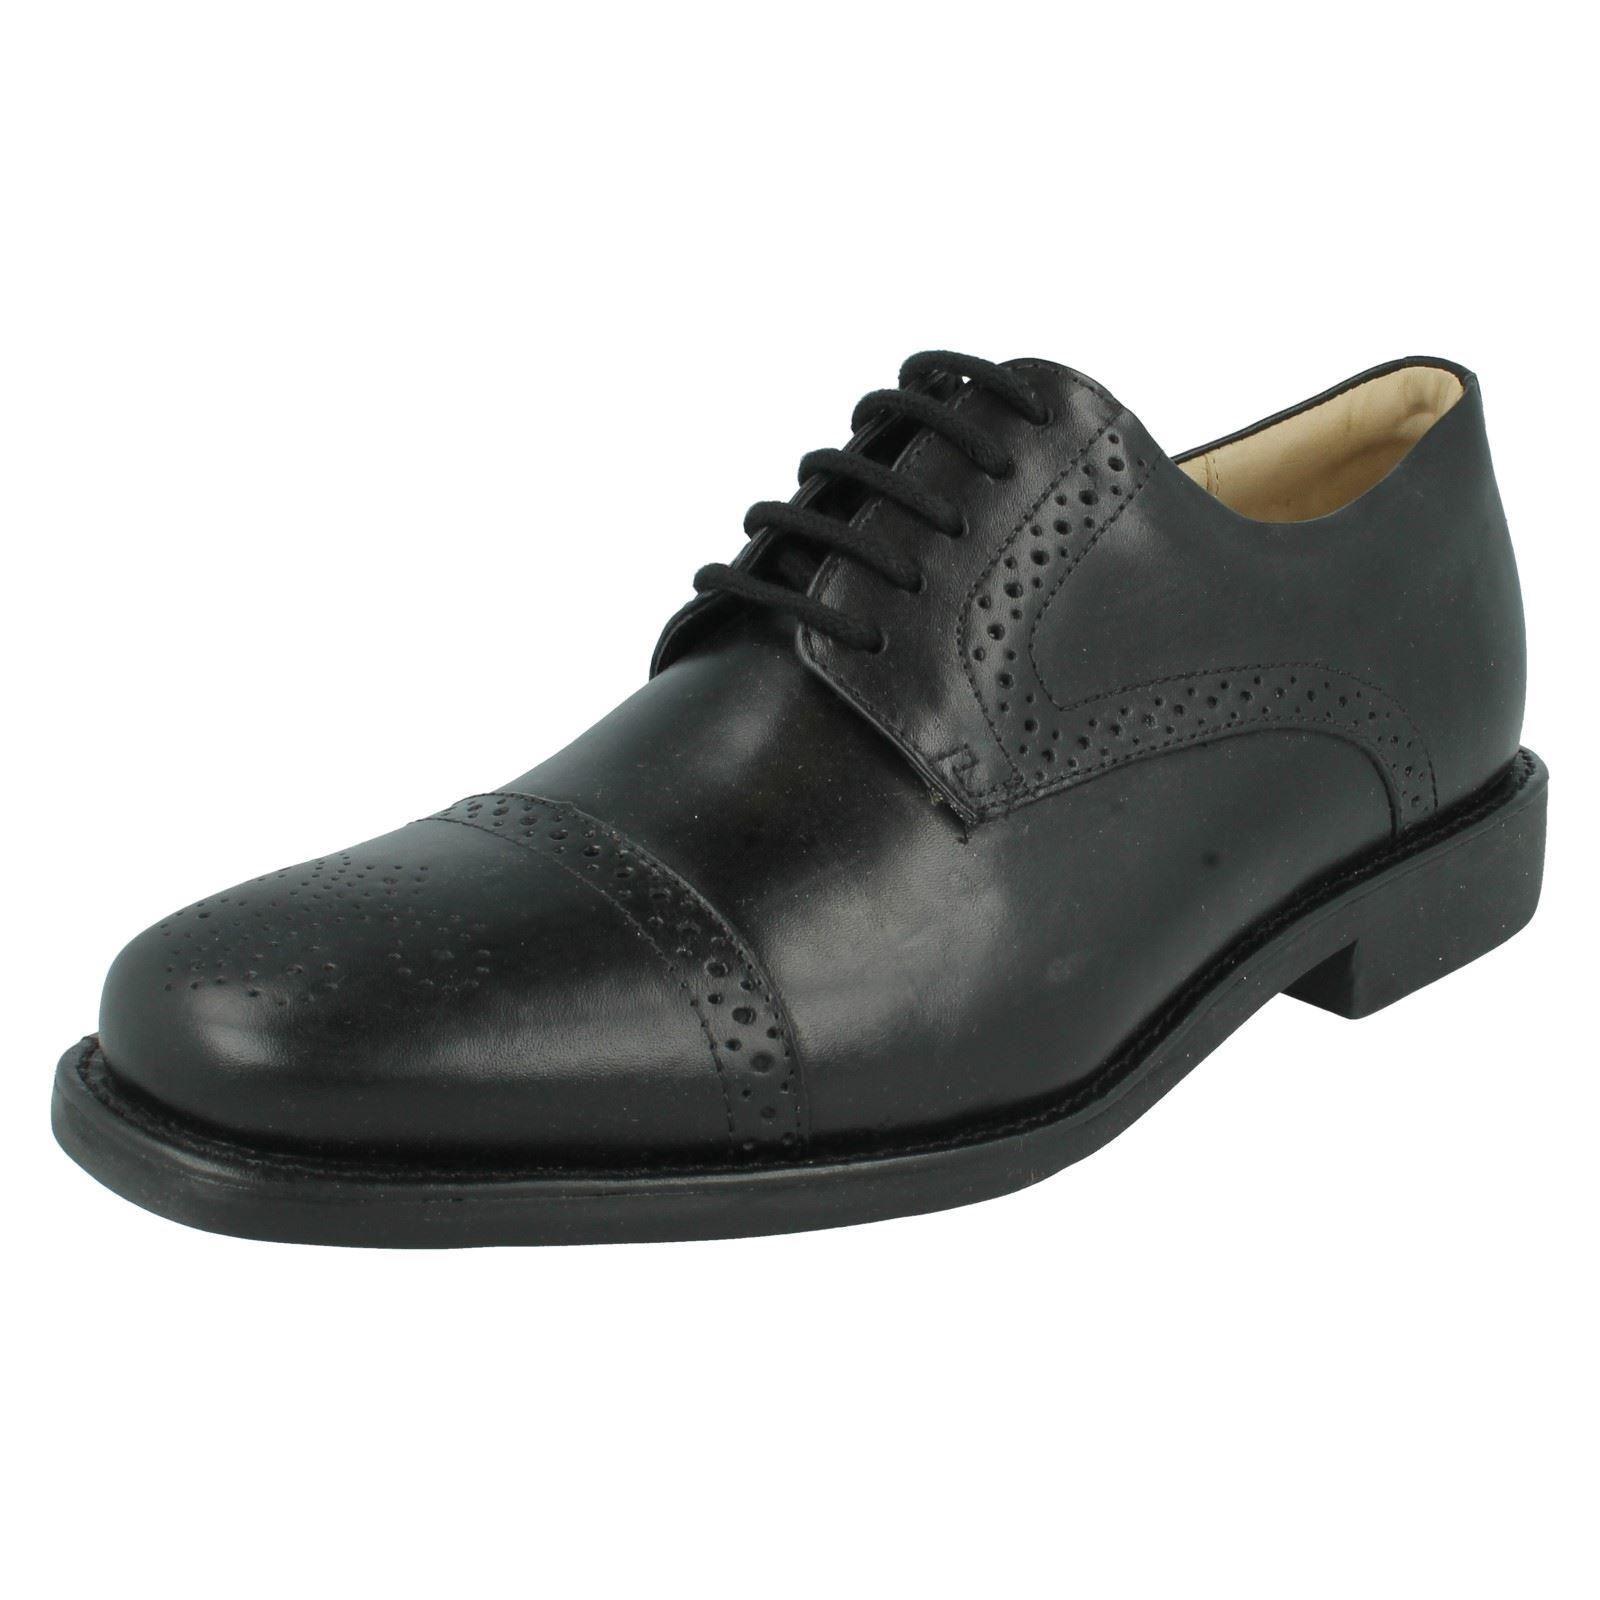 Cómodo y bien parecido Anatomic & Co Armario 'araras' Con Cordones Piel Negra Semi Zapato Oxford OXFORD